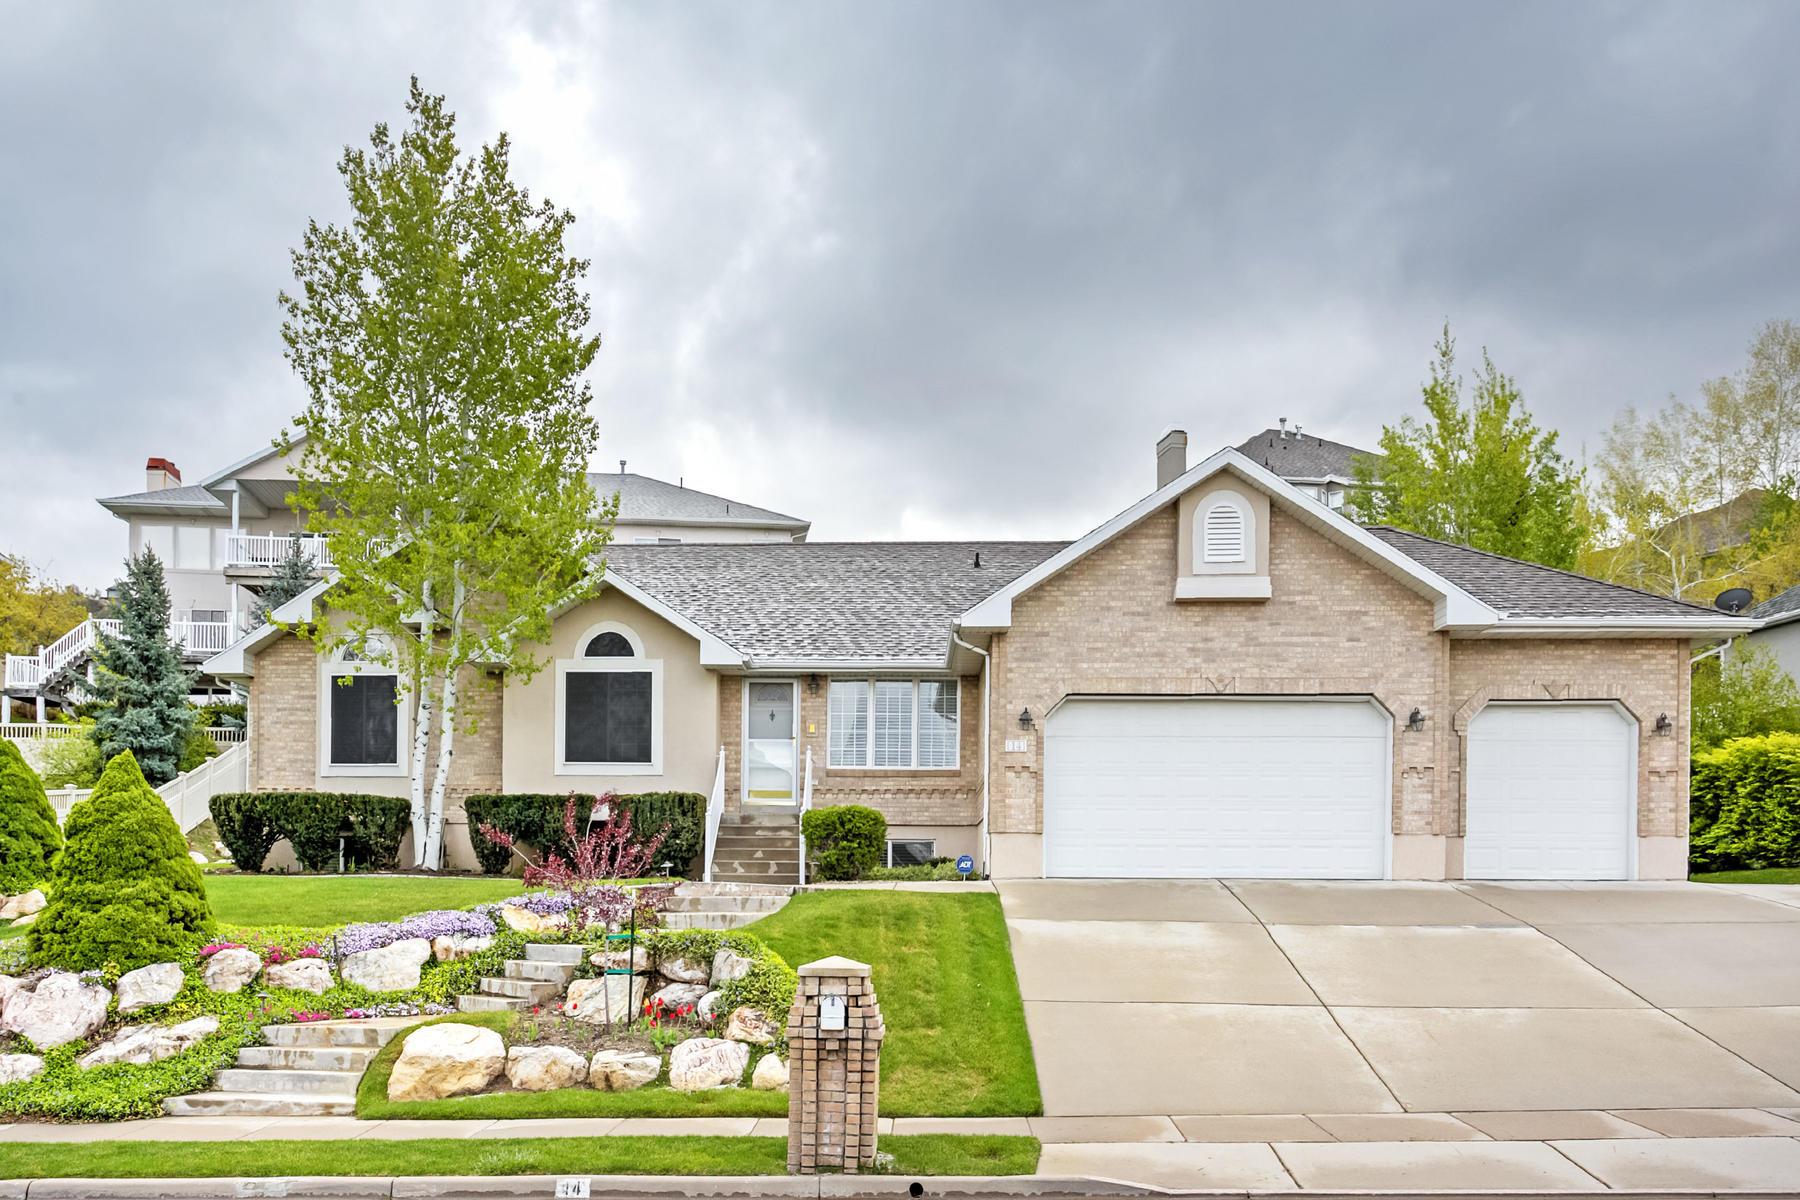 Maison unifamiliale pour l Vente à Custom Built Home in Eaglewood 14 N Fairway Dr North Salt Lake, Utah, 84054 États-Unis